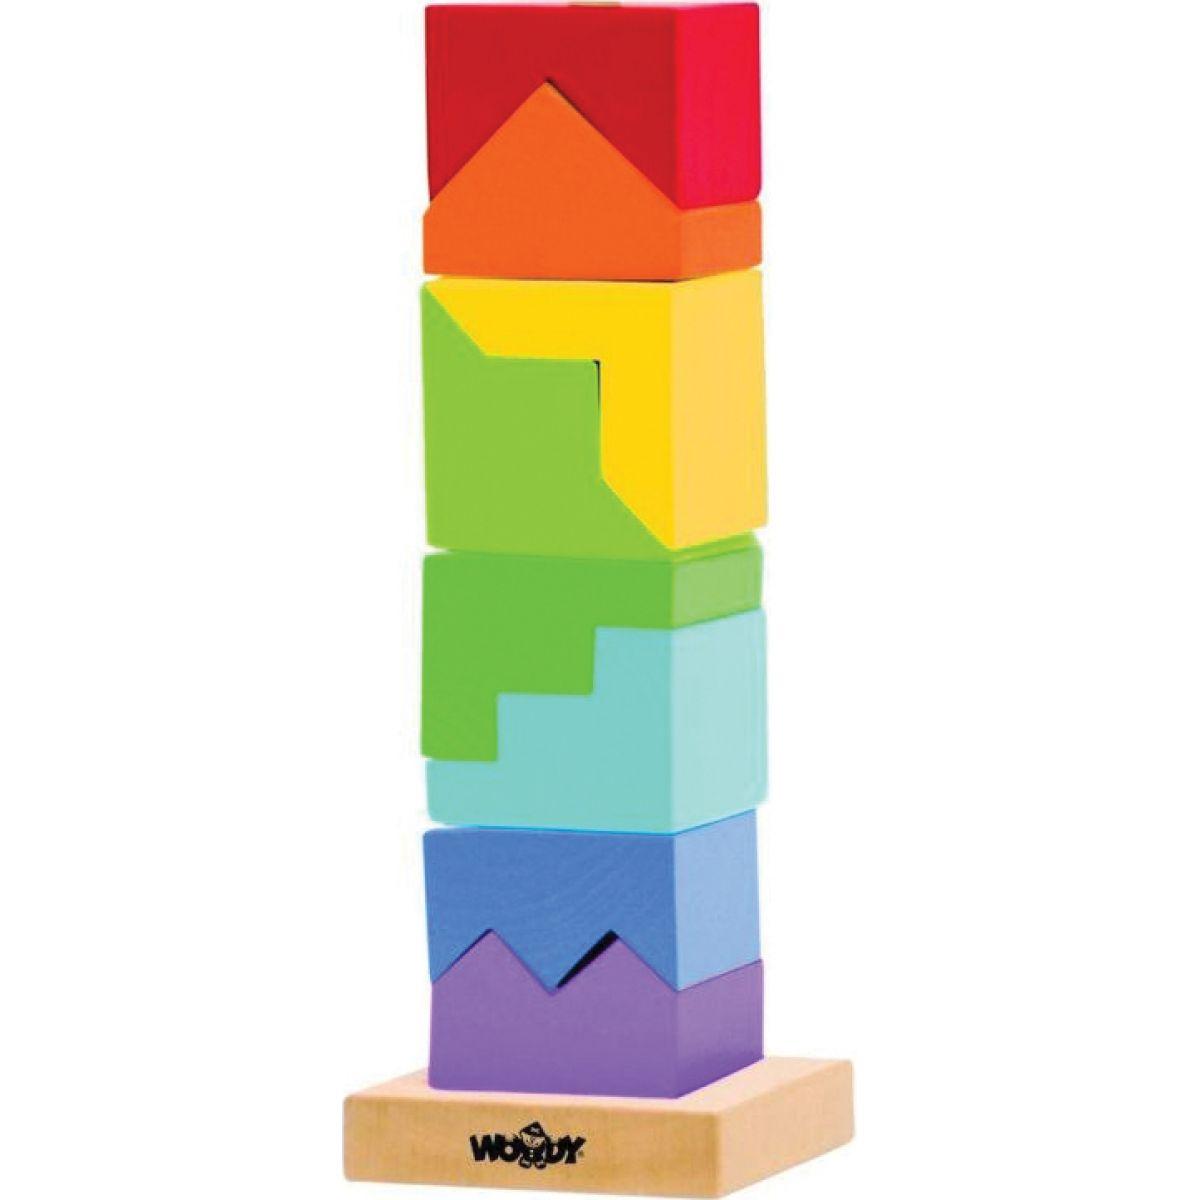 Woody Skládací věž barevná